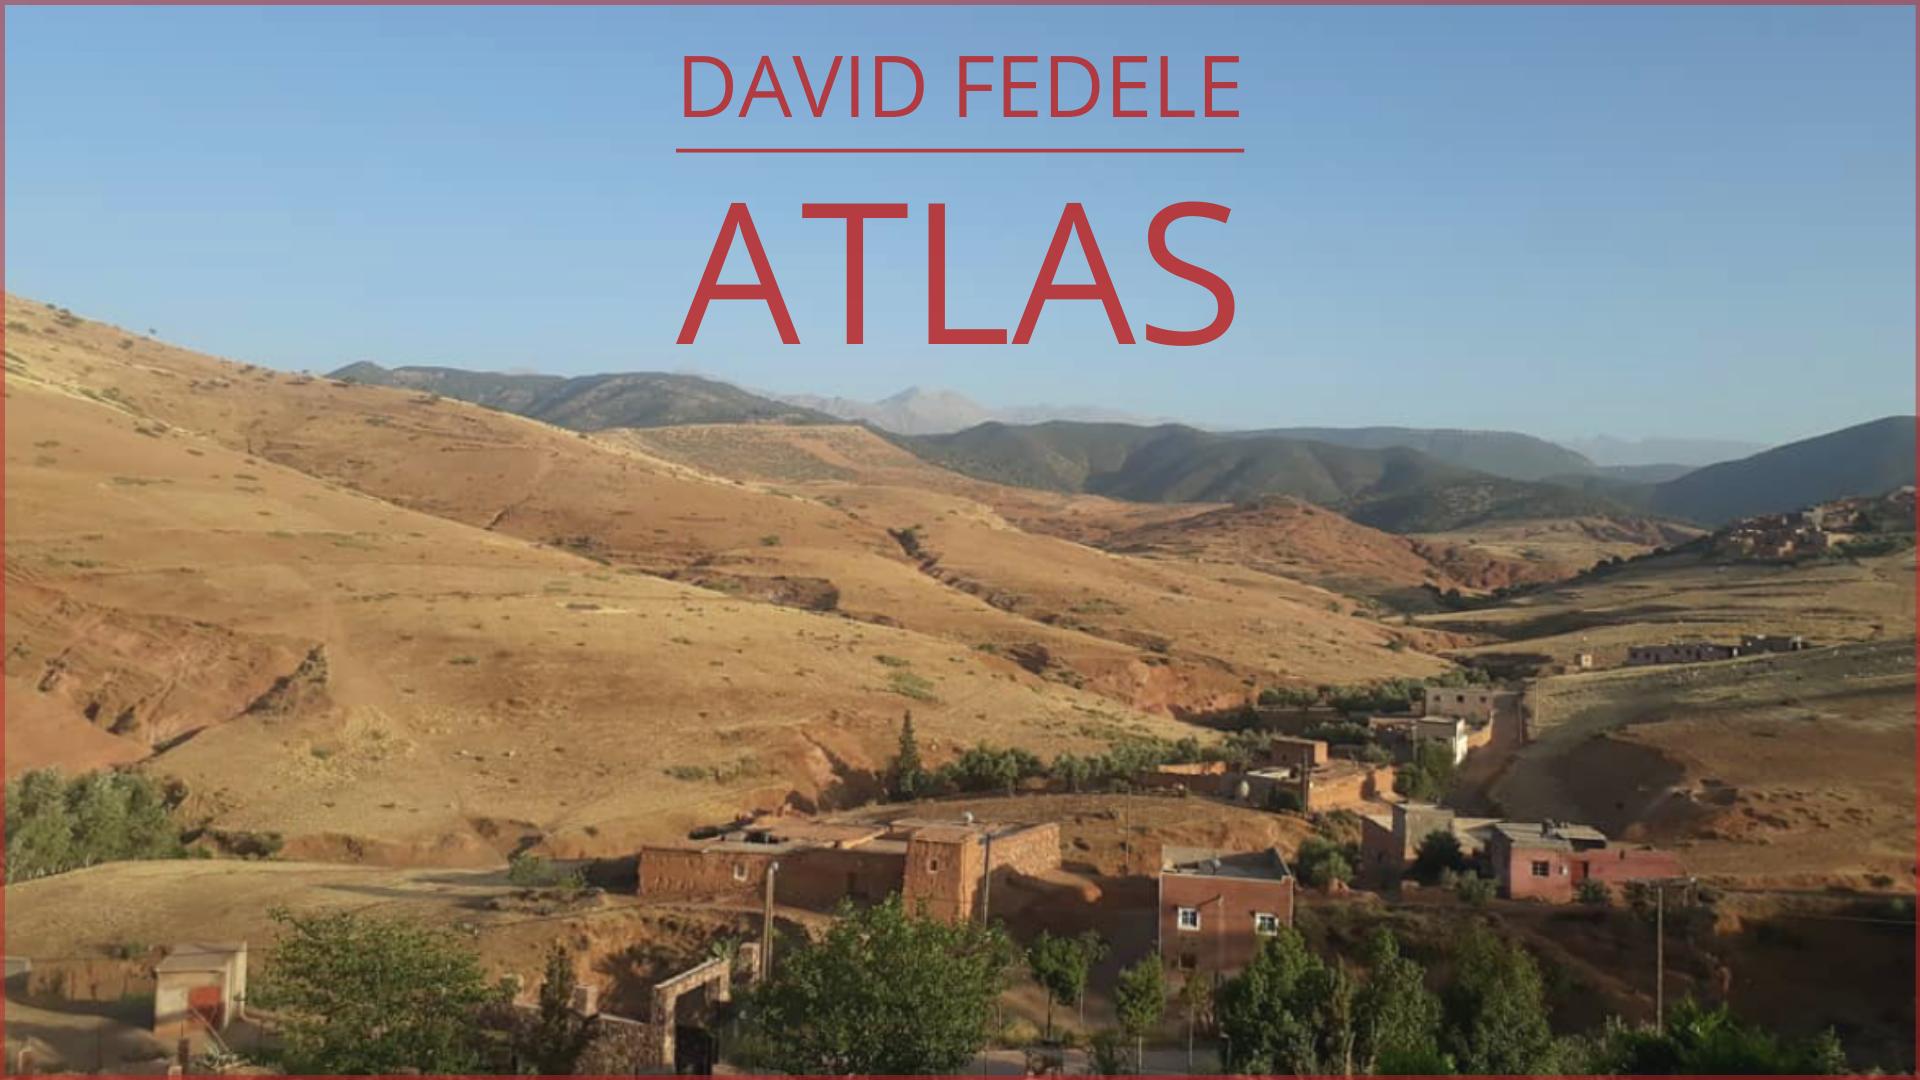 atlas-cover-photo-16-9-95